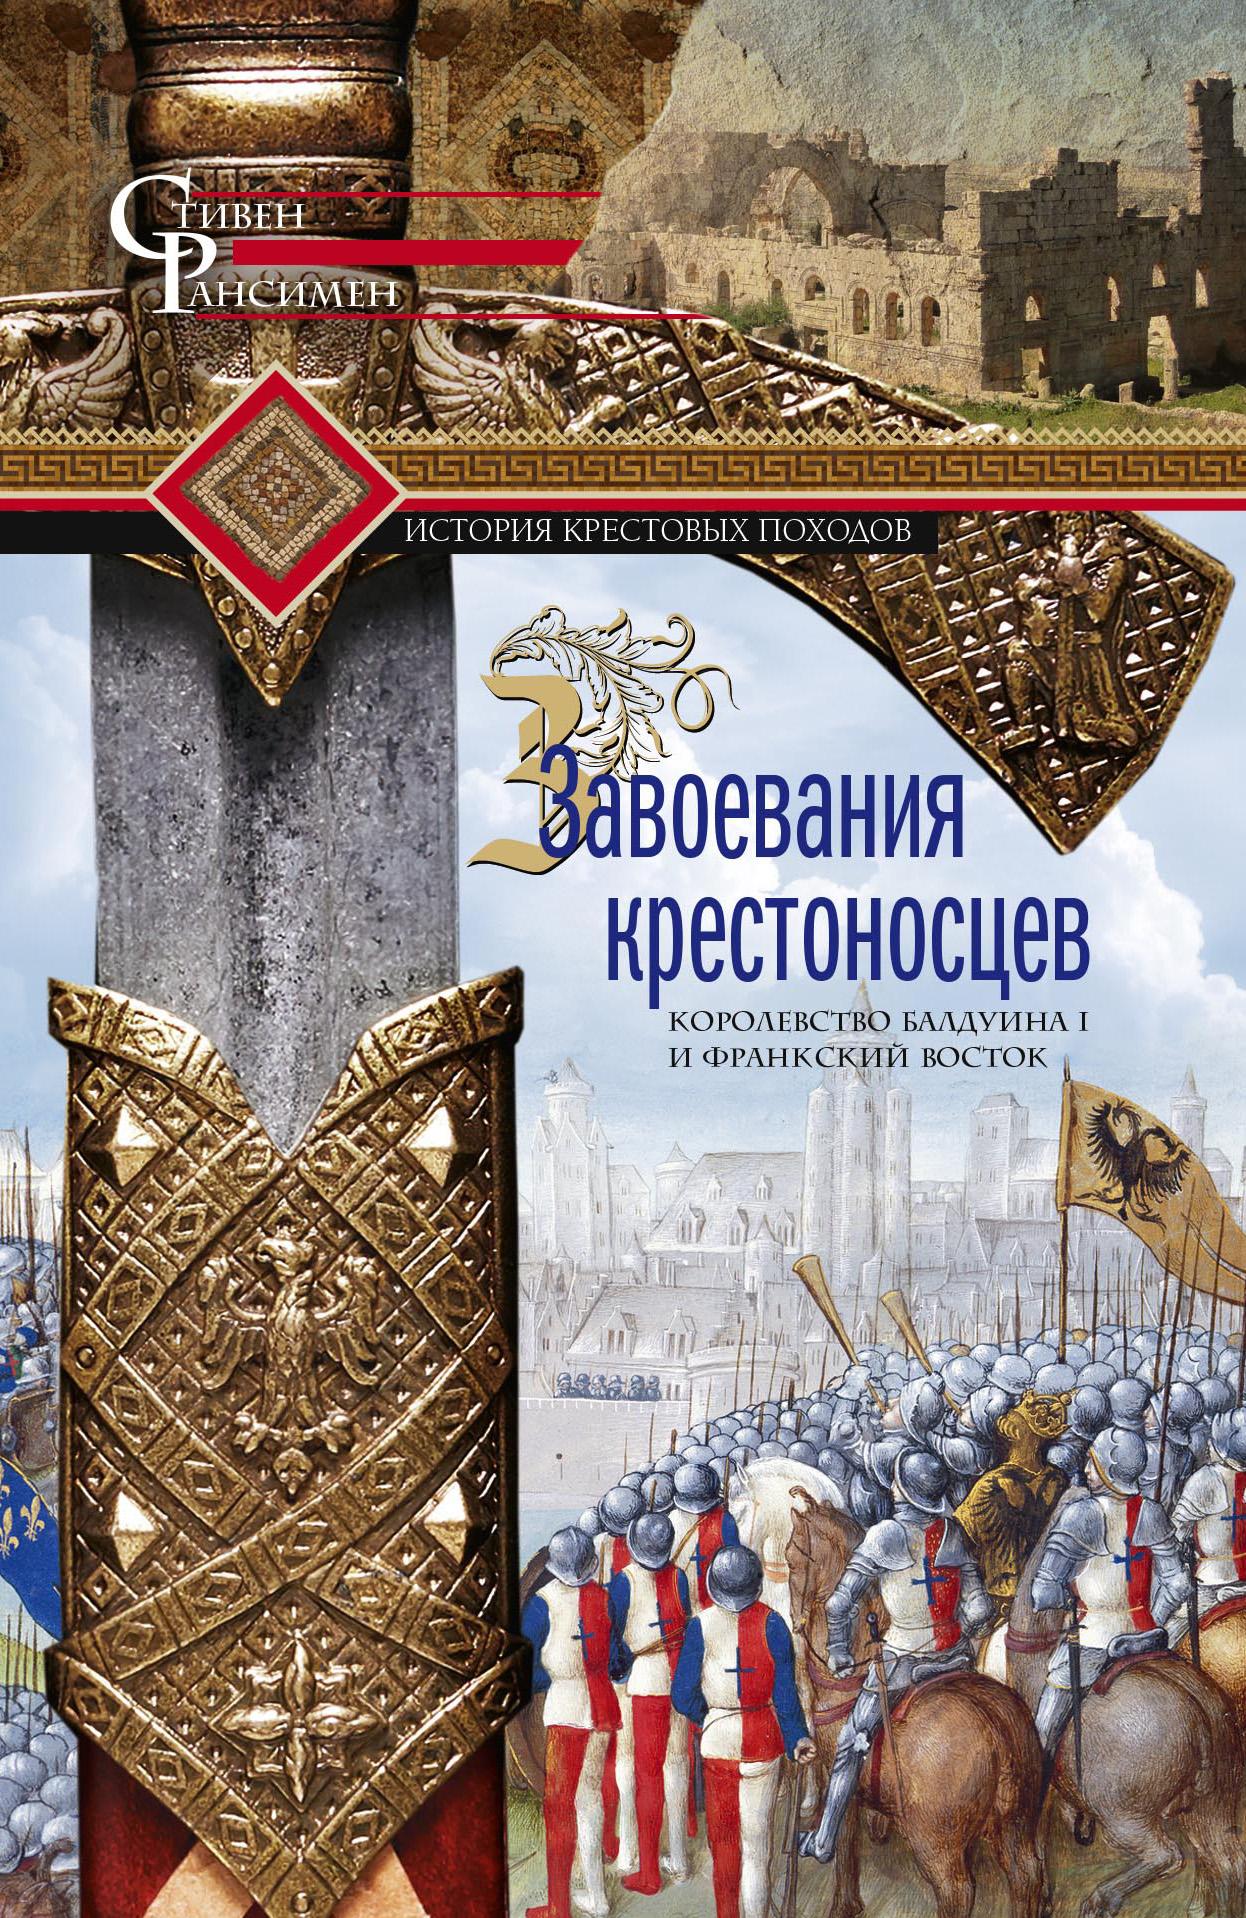 Купить книгу Завоевания крестоносцев. Королевство Балдуина I и франкский Восток, автора Стивена Рансимена